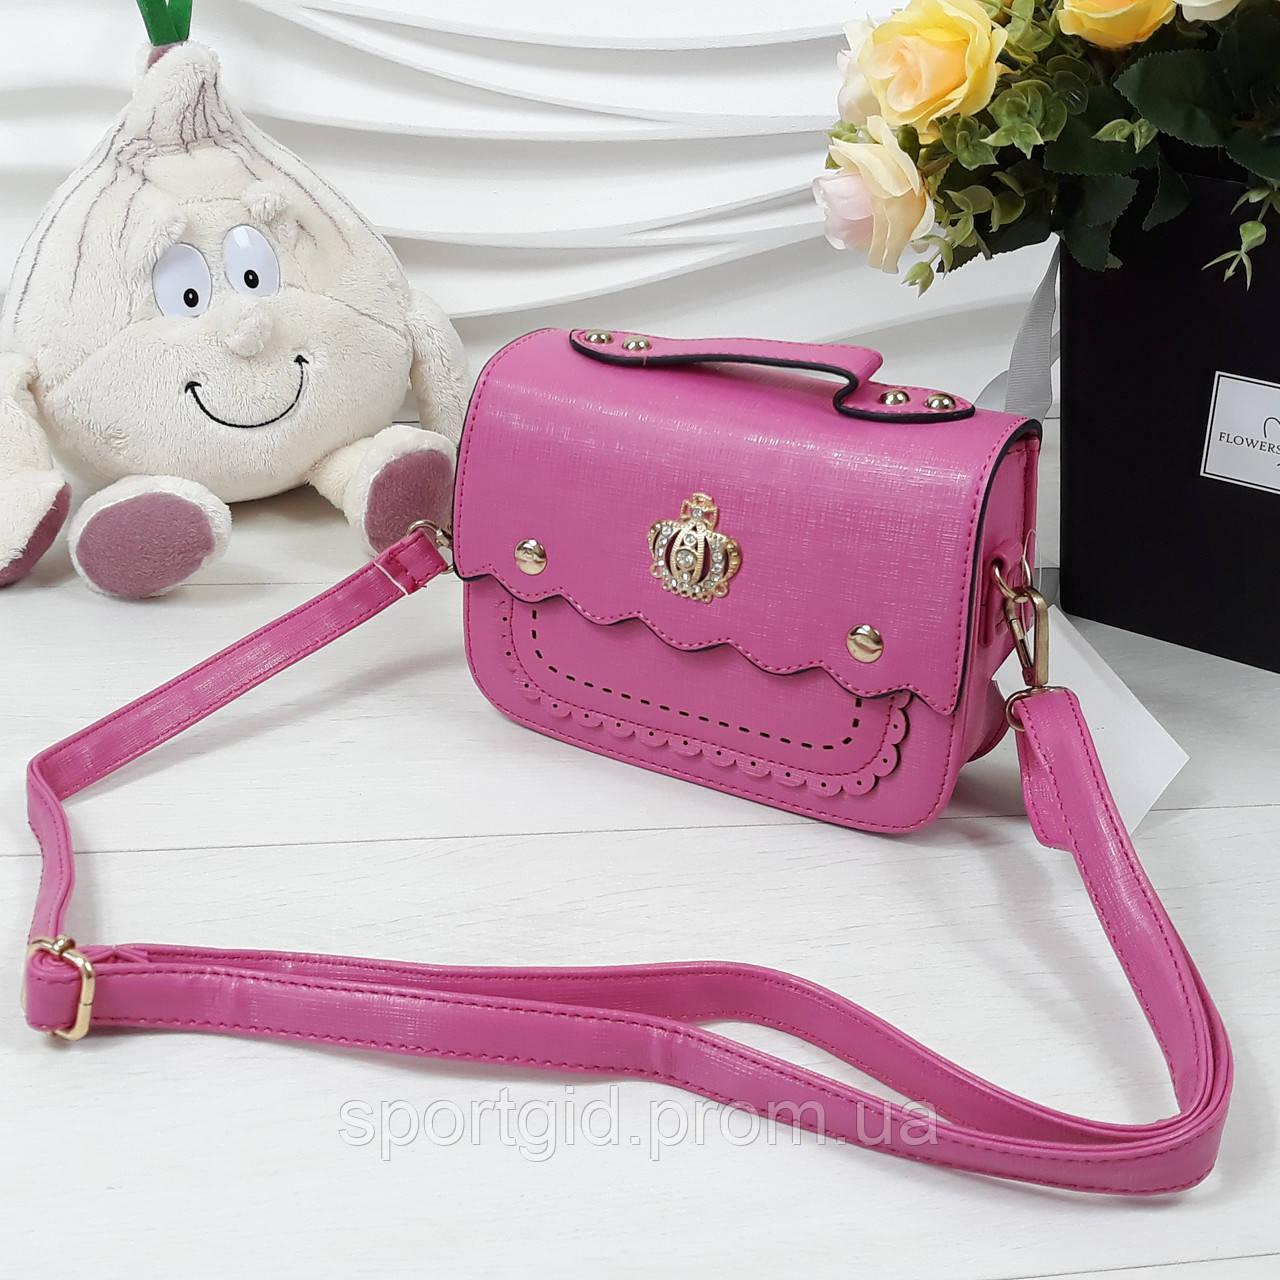 4ab43bbb9810 Яркая стильная сумочка с короной для девочки: продажа, цена в ...